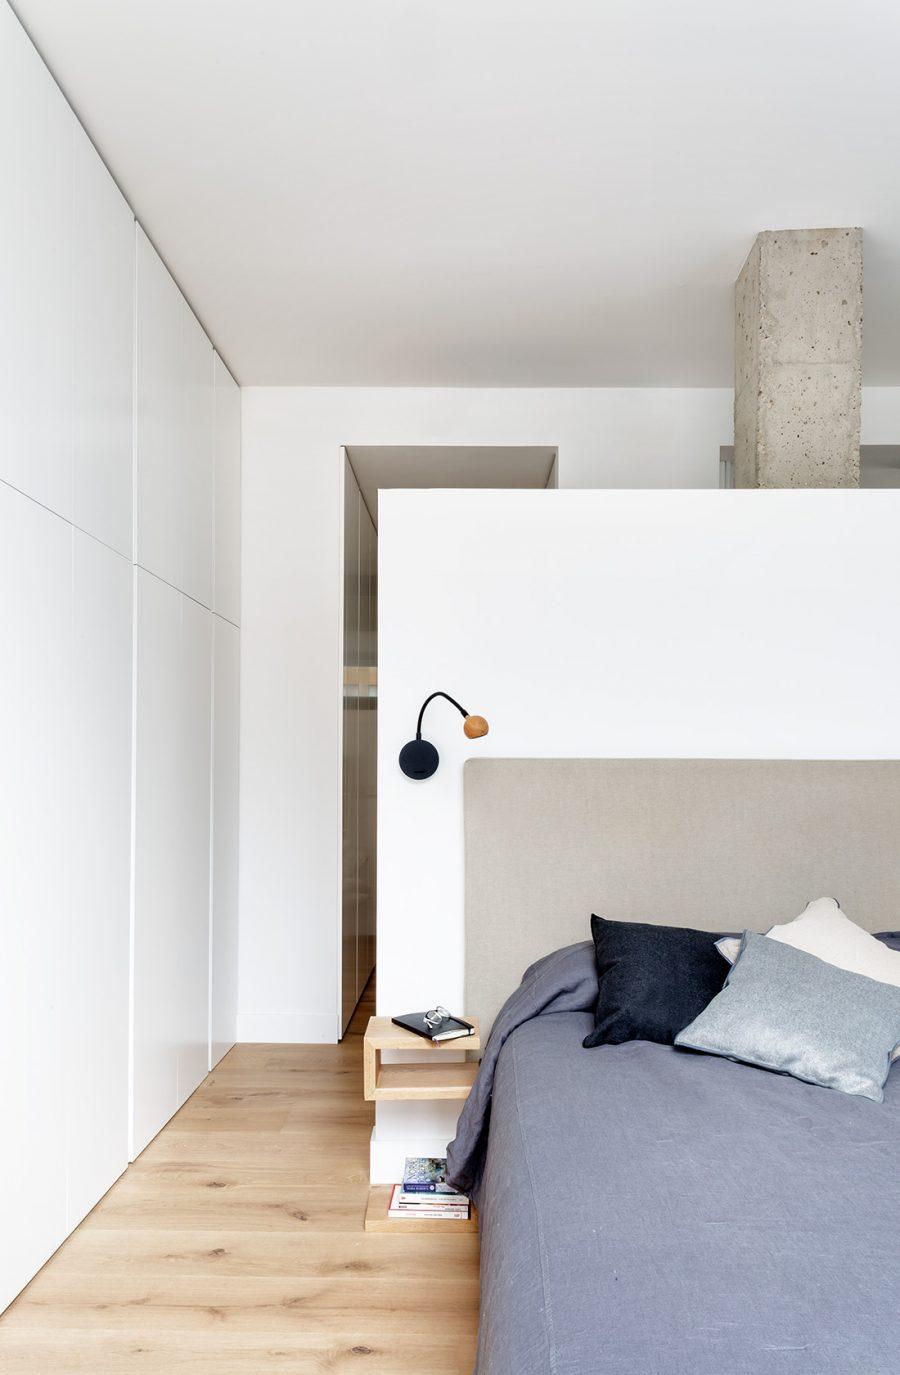 Reforma integral duplex serrano casa ayala ii dormitorio 01